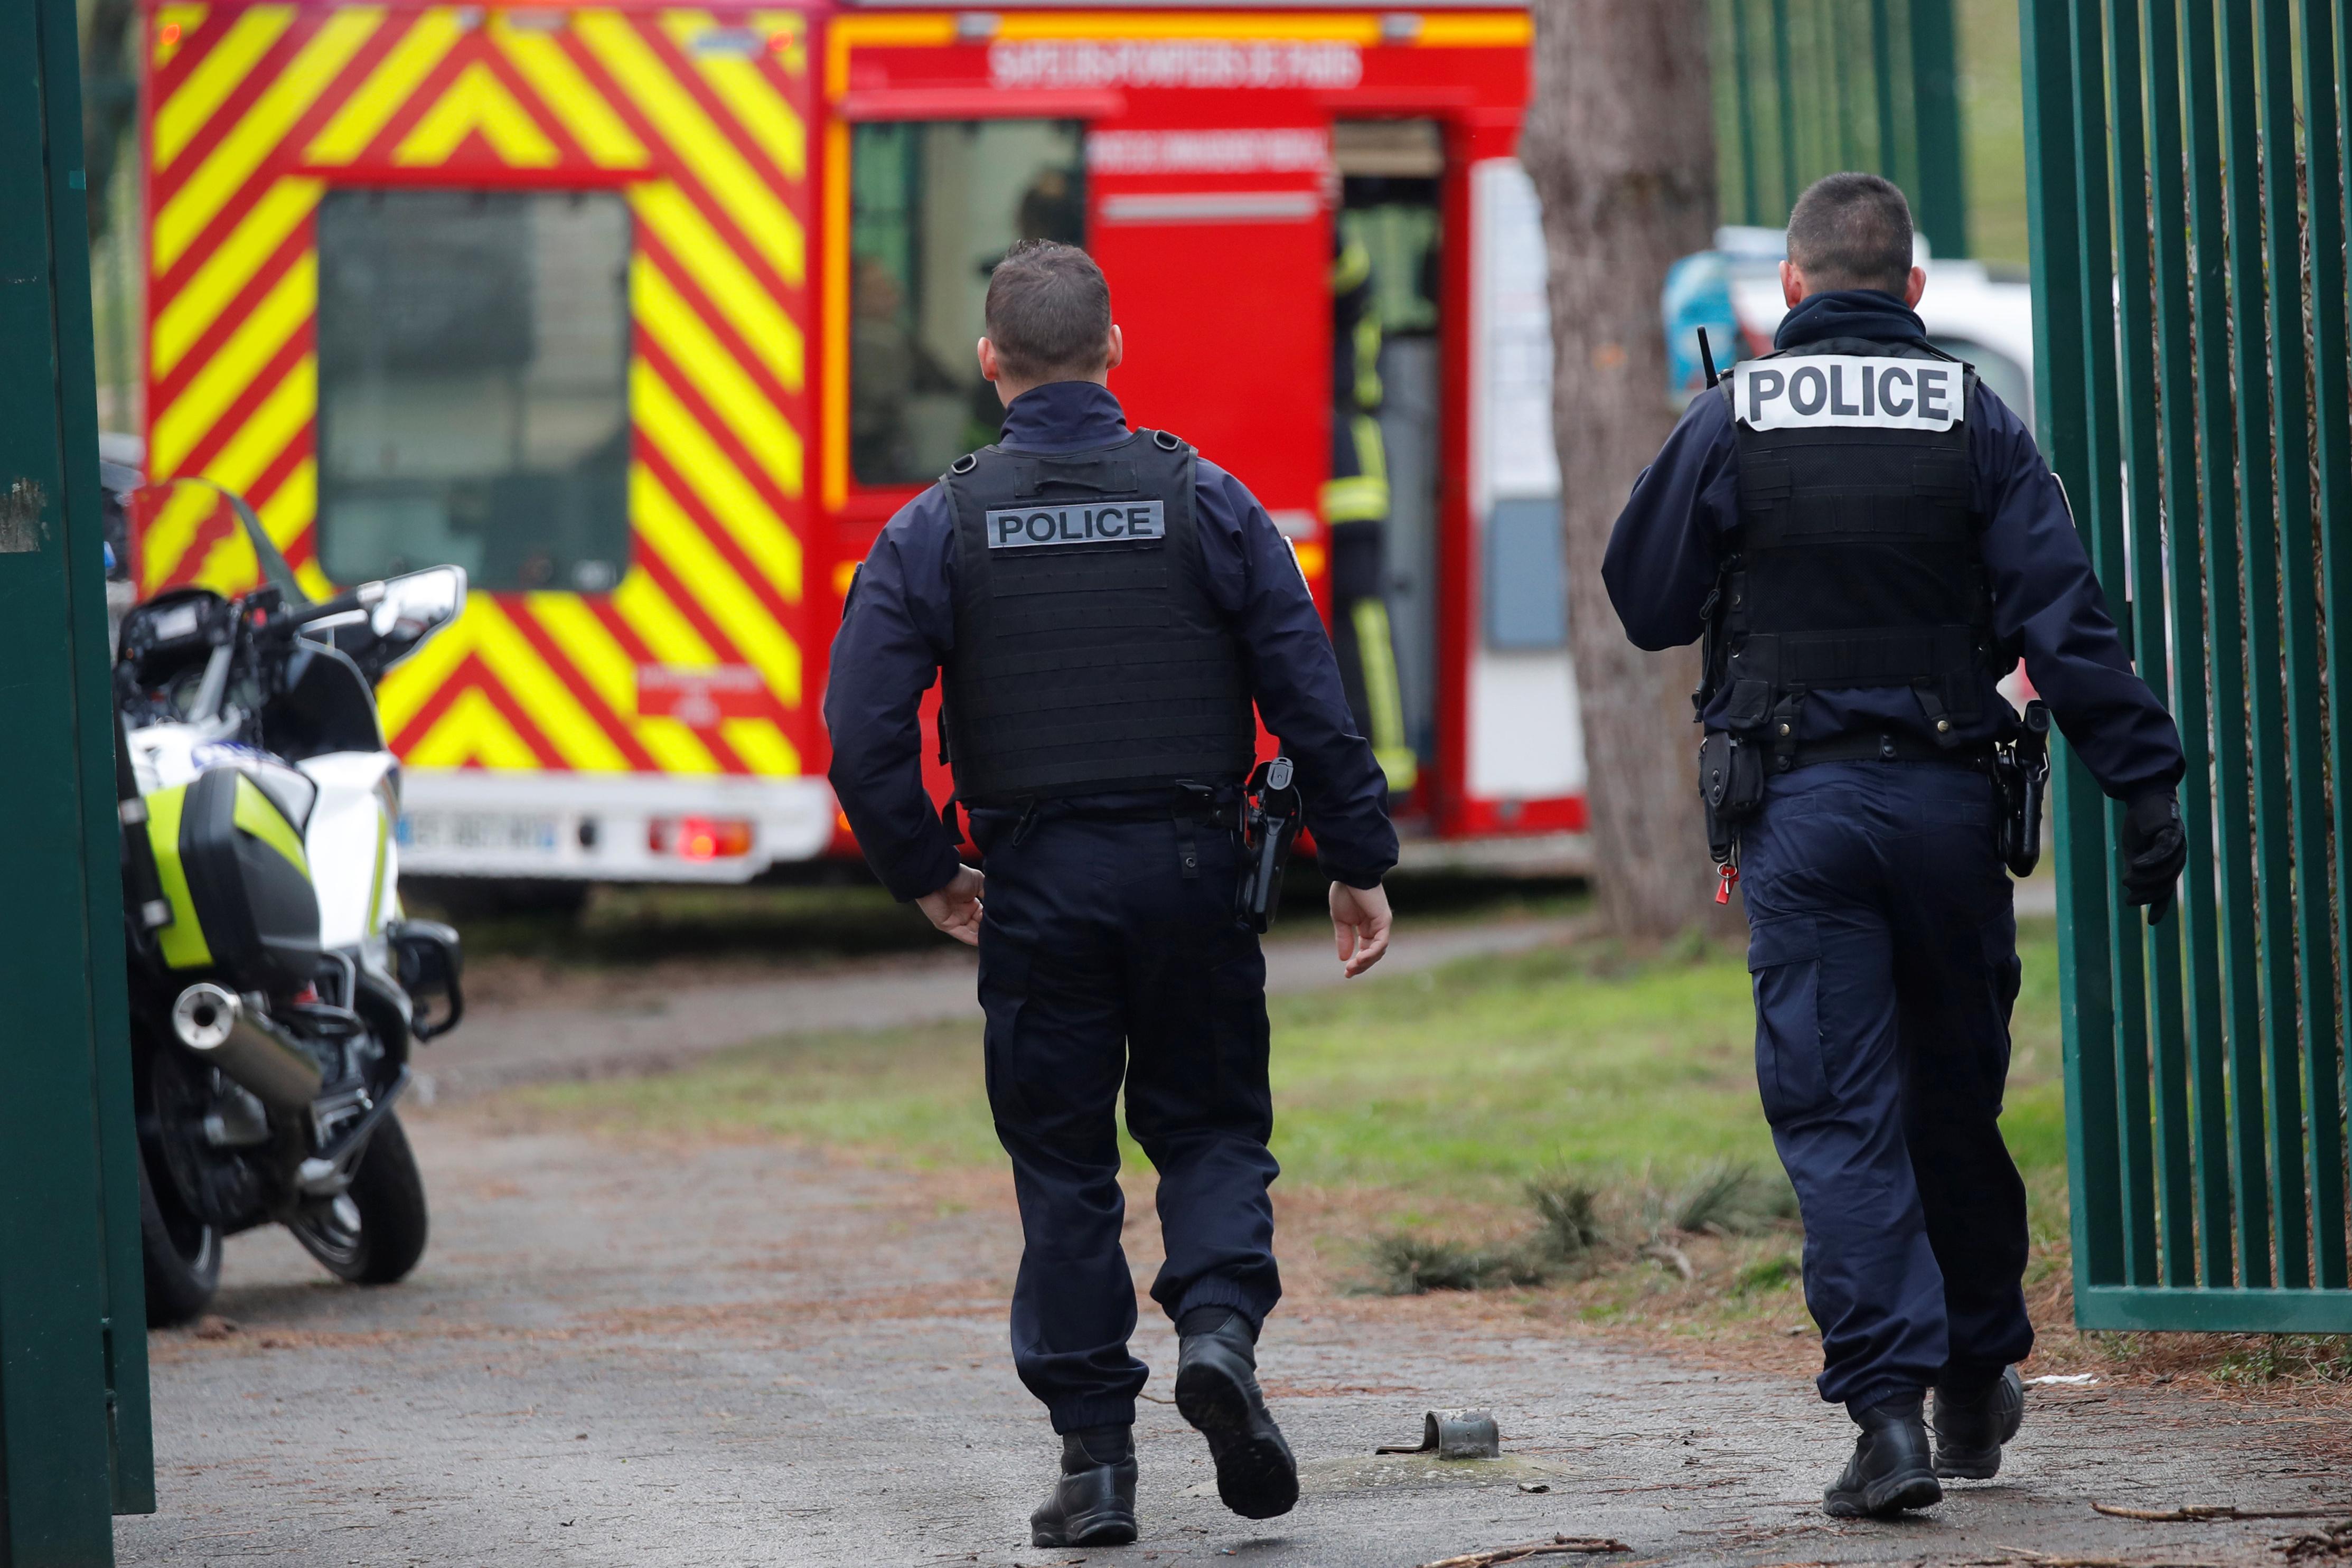 Παρίσι: Ένας νεκρός από επίθεση με μαχαίρι, πολλοί οι τραυματίες